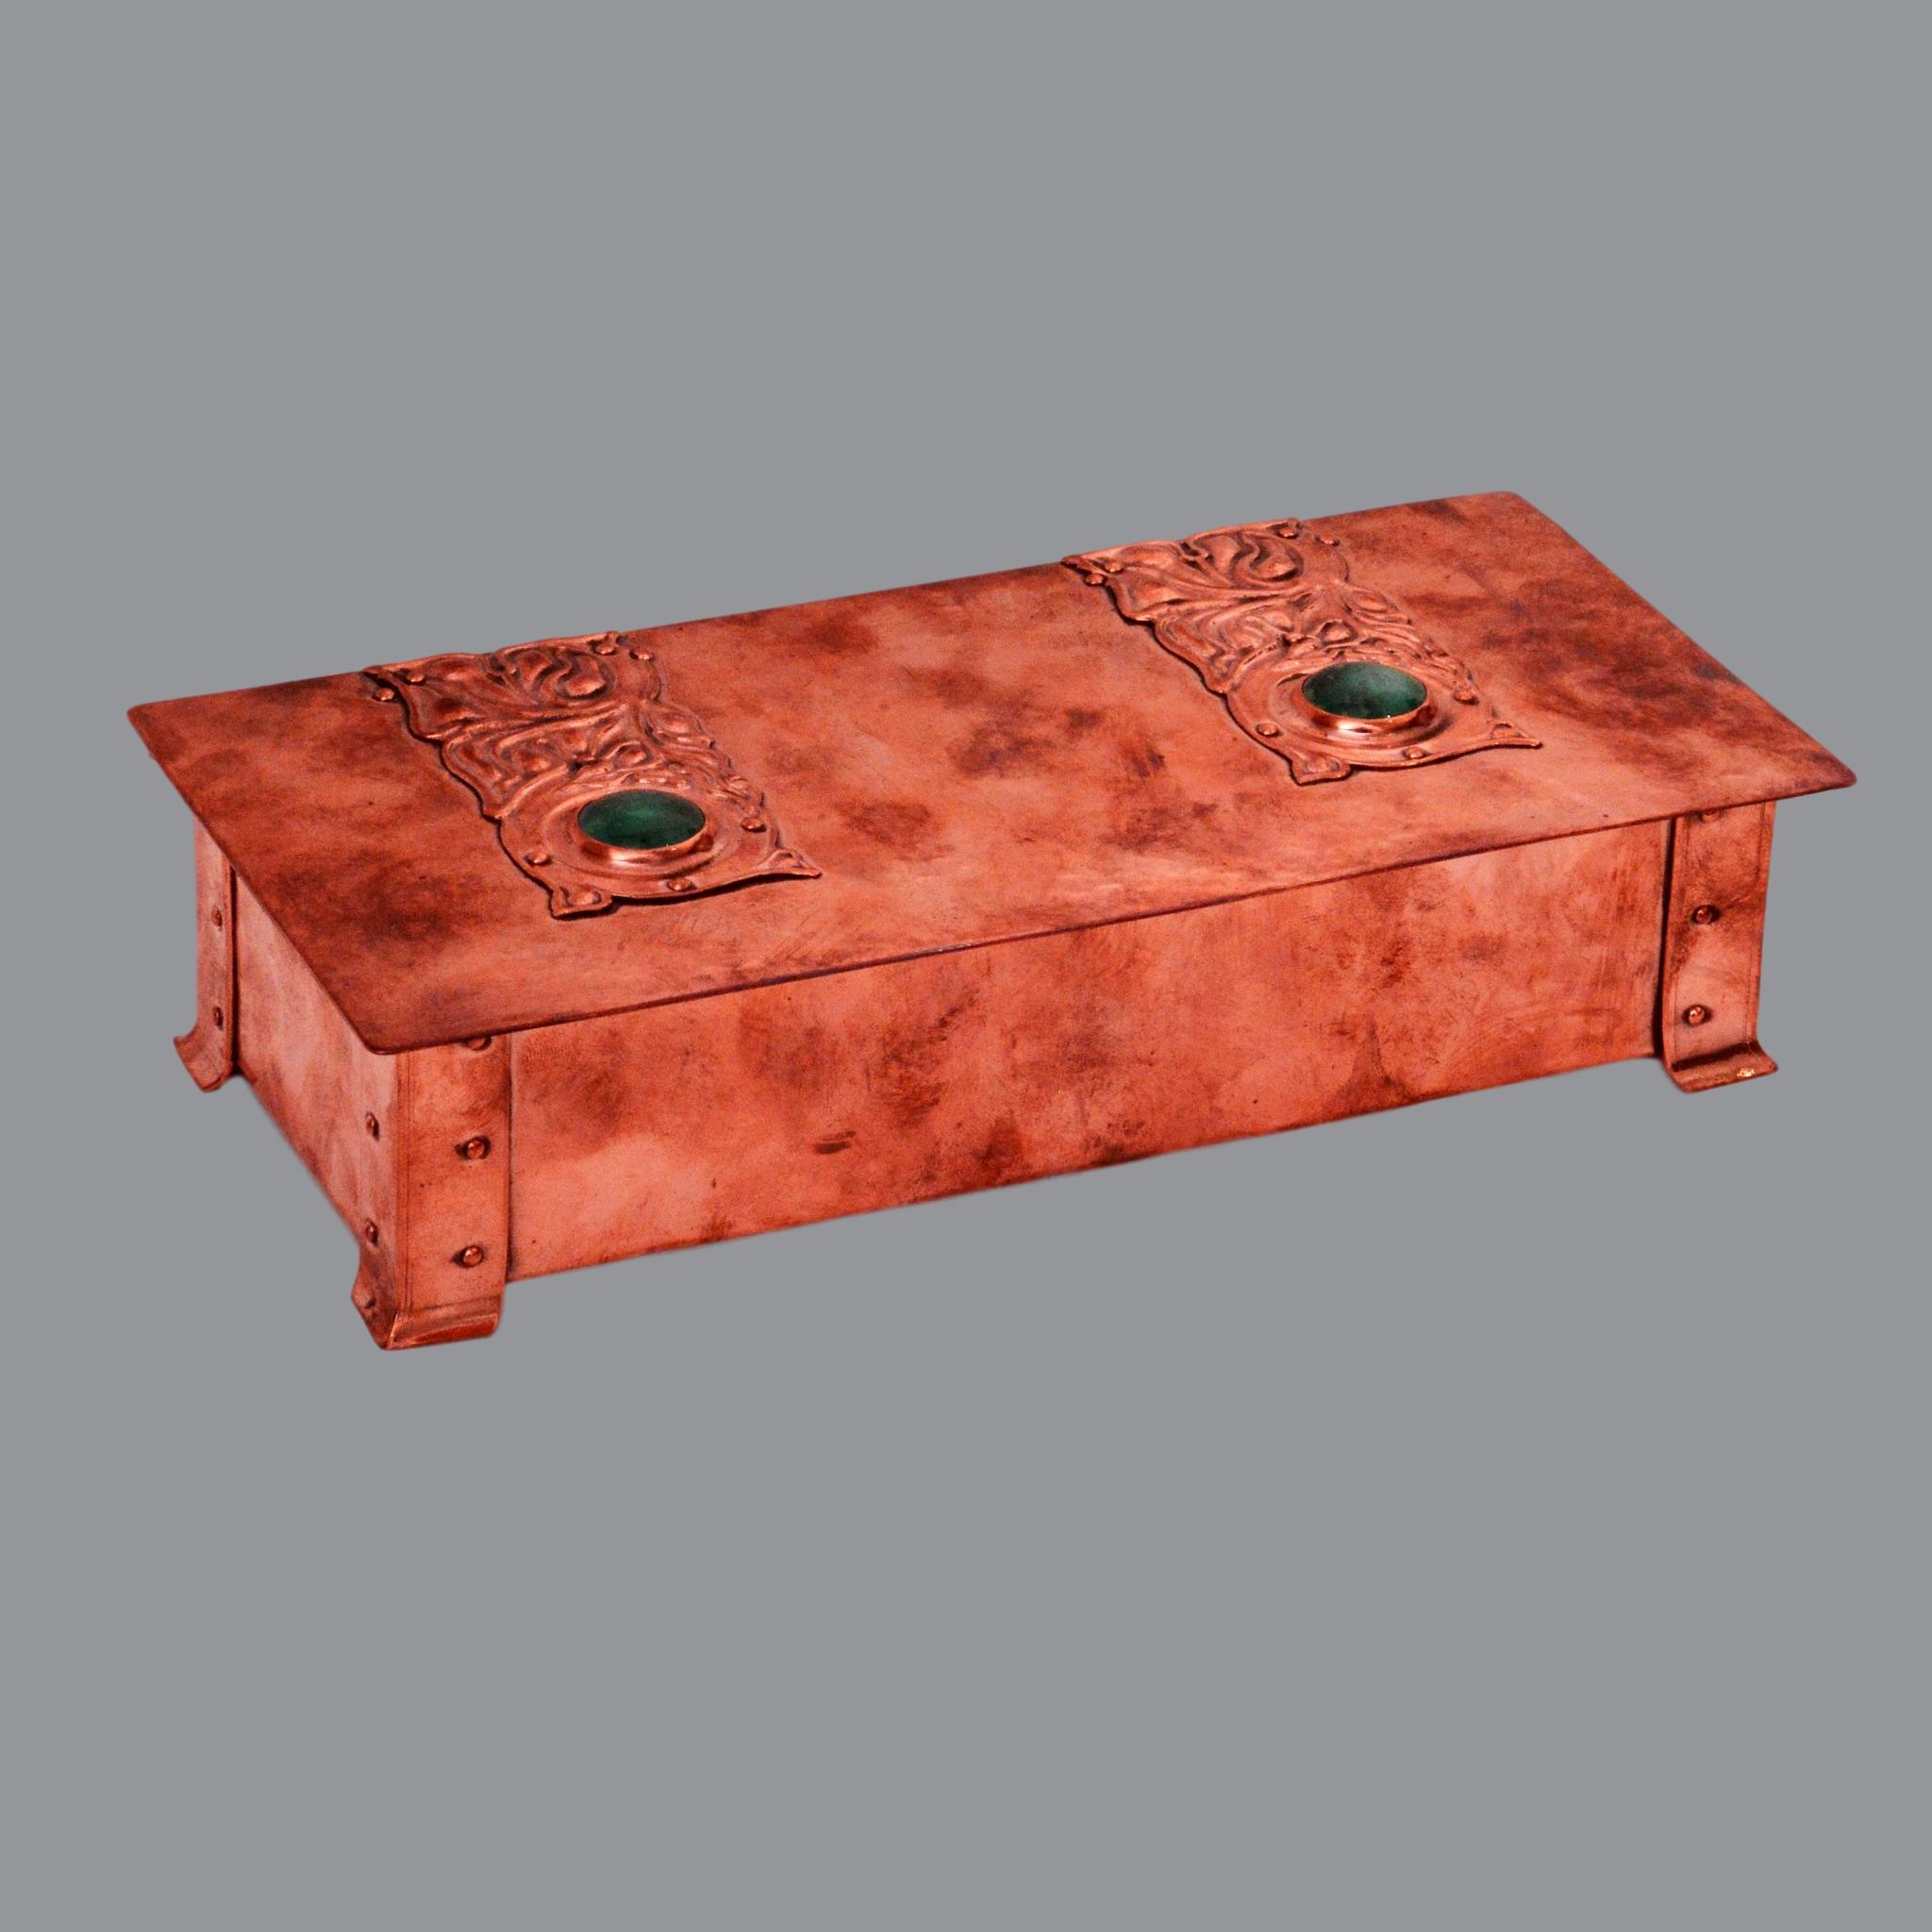 A E Jones box, A E Jones copper rukin